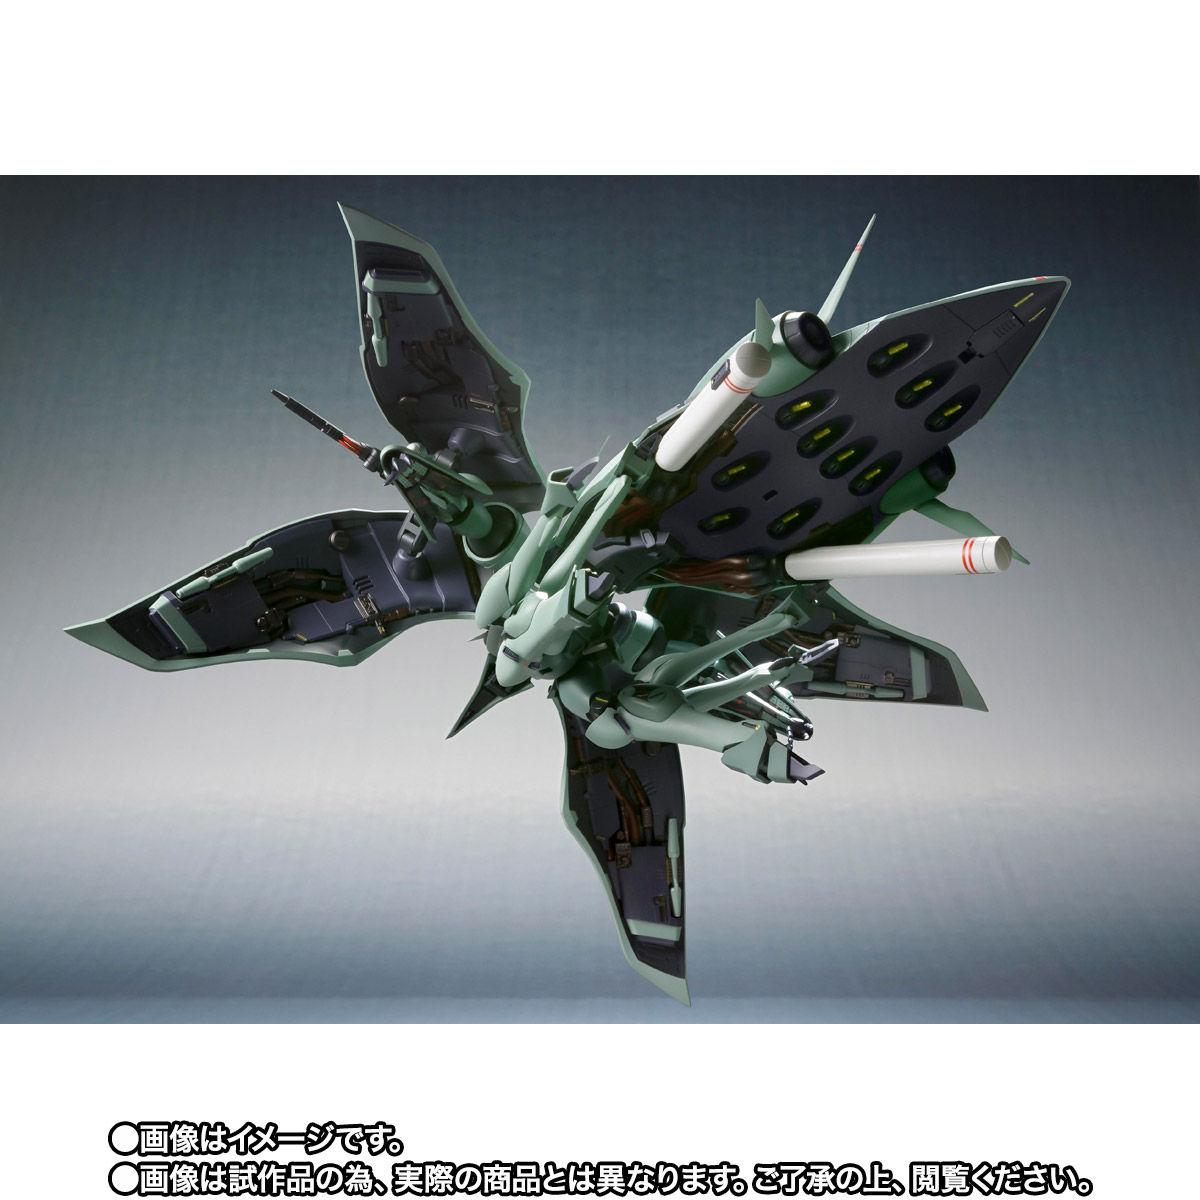 【限定販売】ROBOT魂〈SIDE MS〉『ゲー・ドライ(重塗装仕様)』Zガンダム 可動フィギュア-005